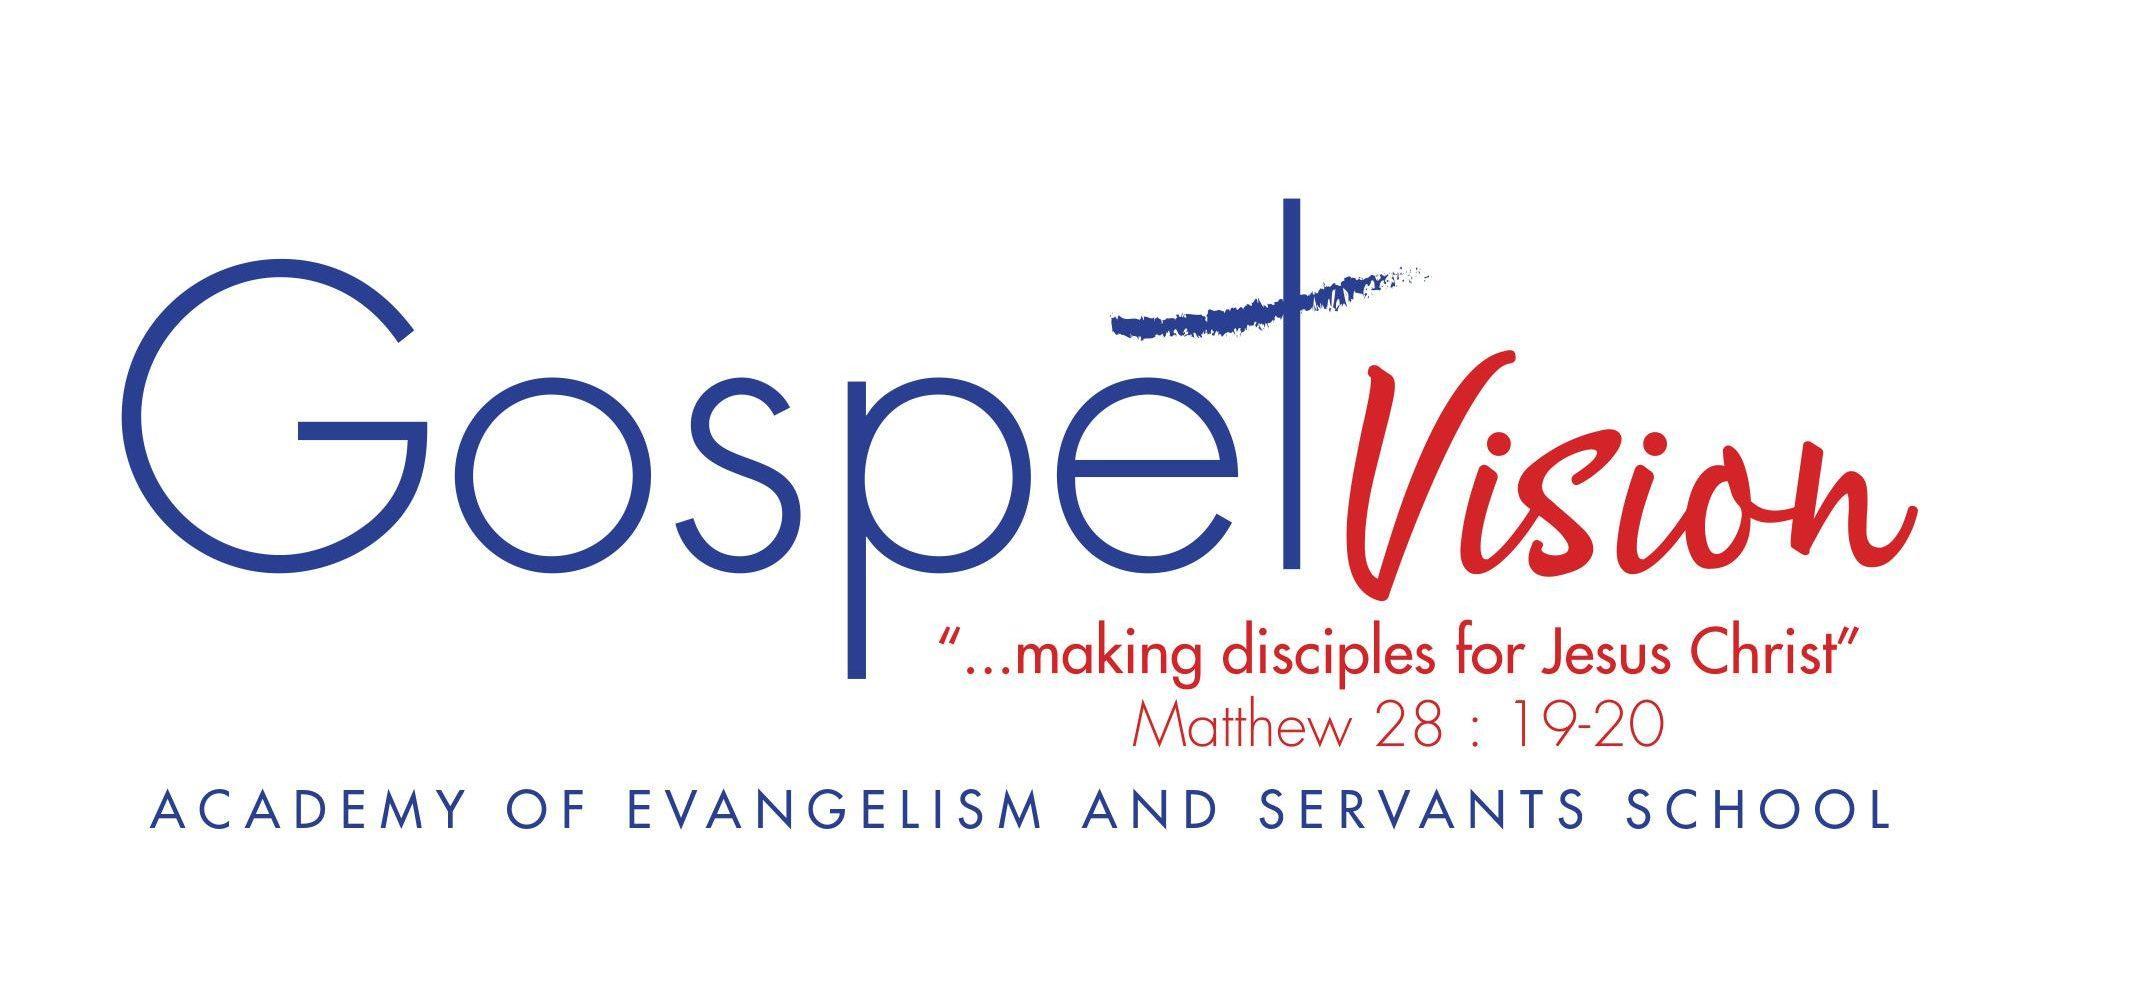 Gospel Vision